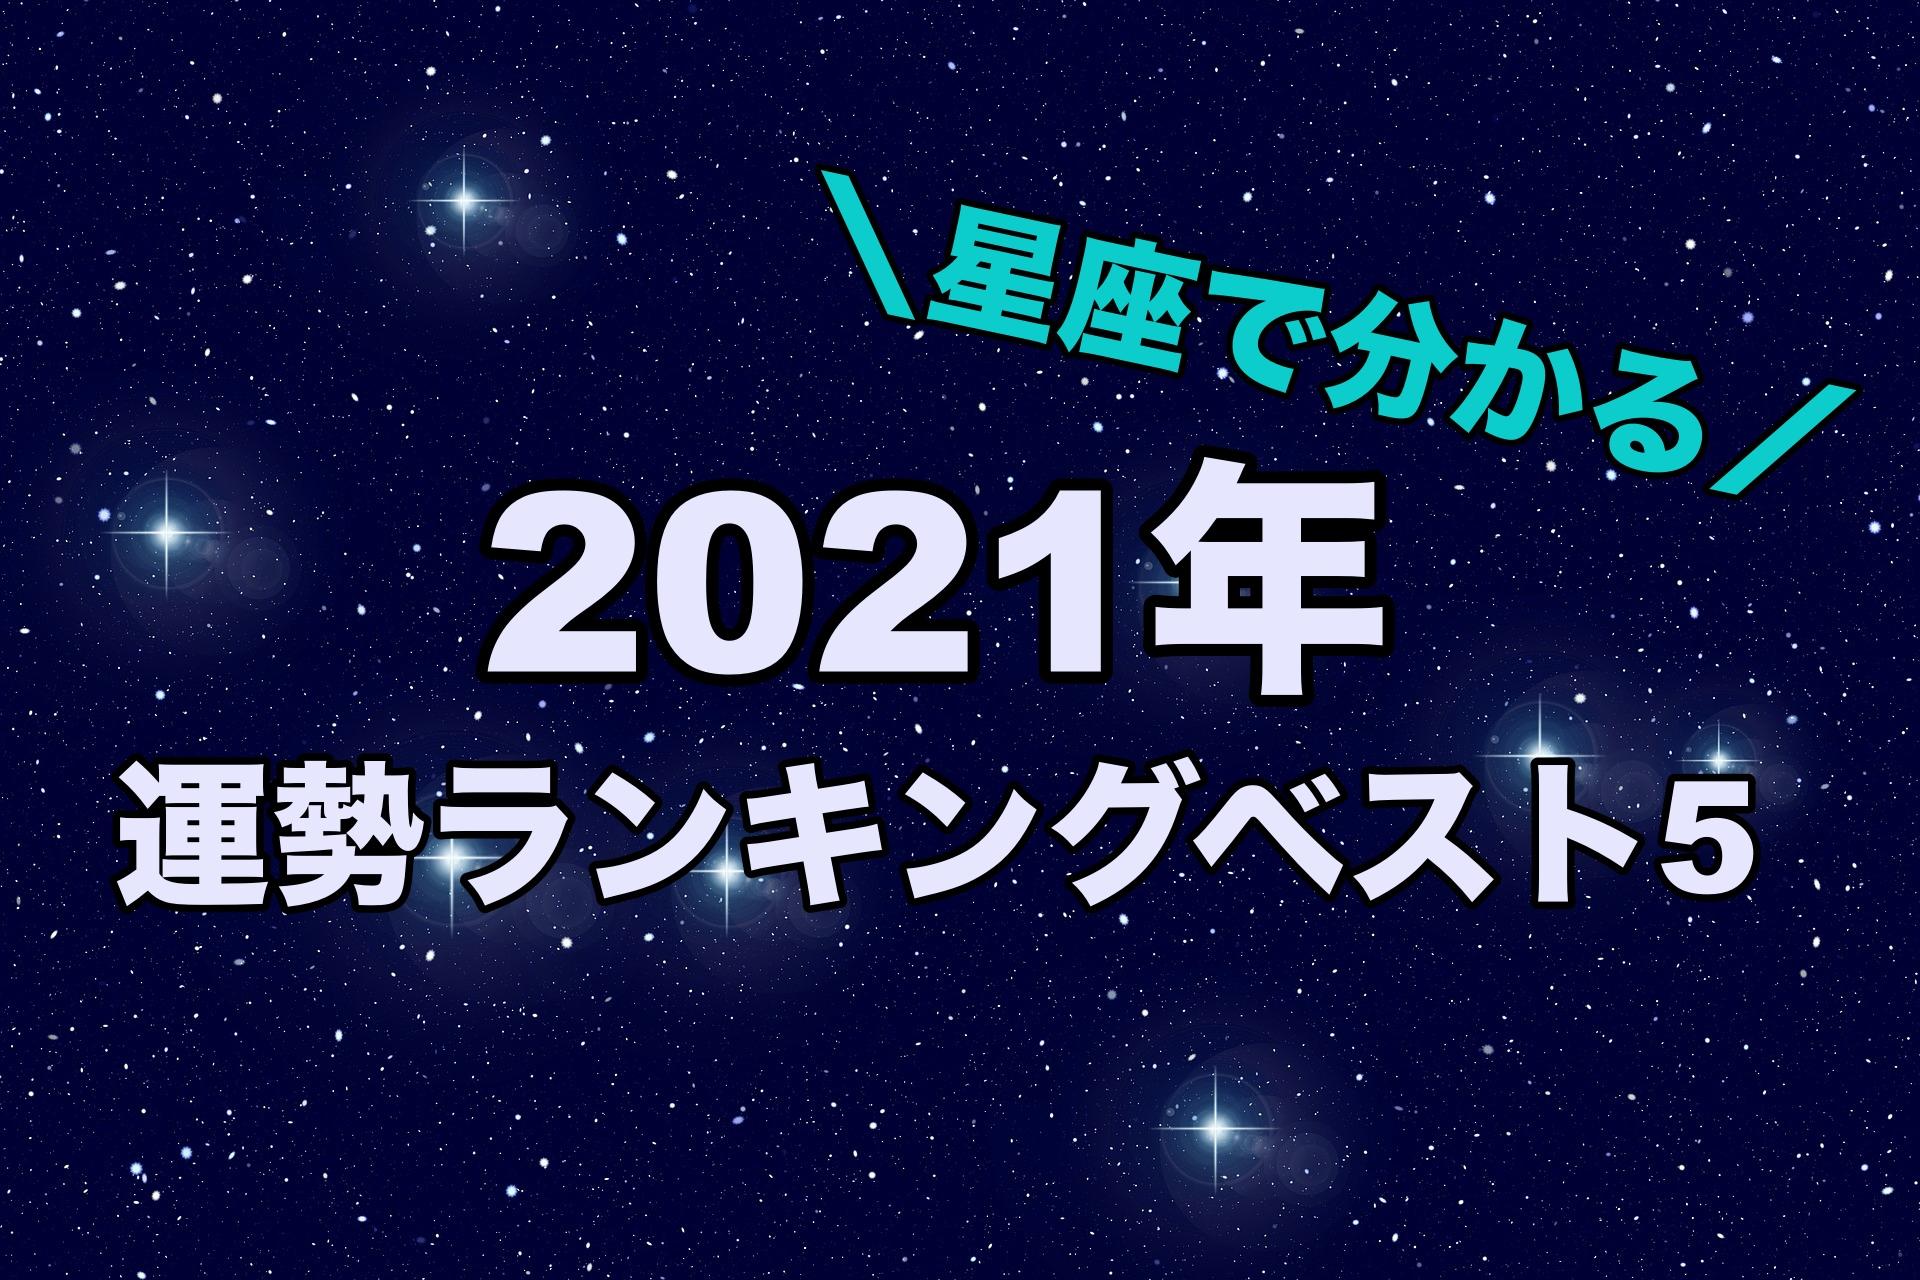 運勢 2021 ランキング 年